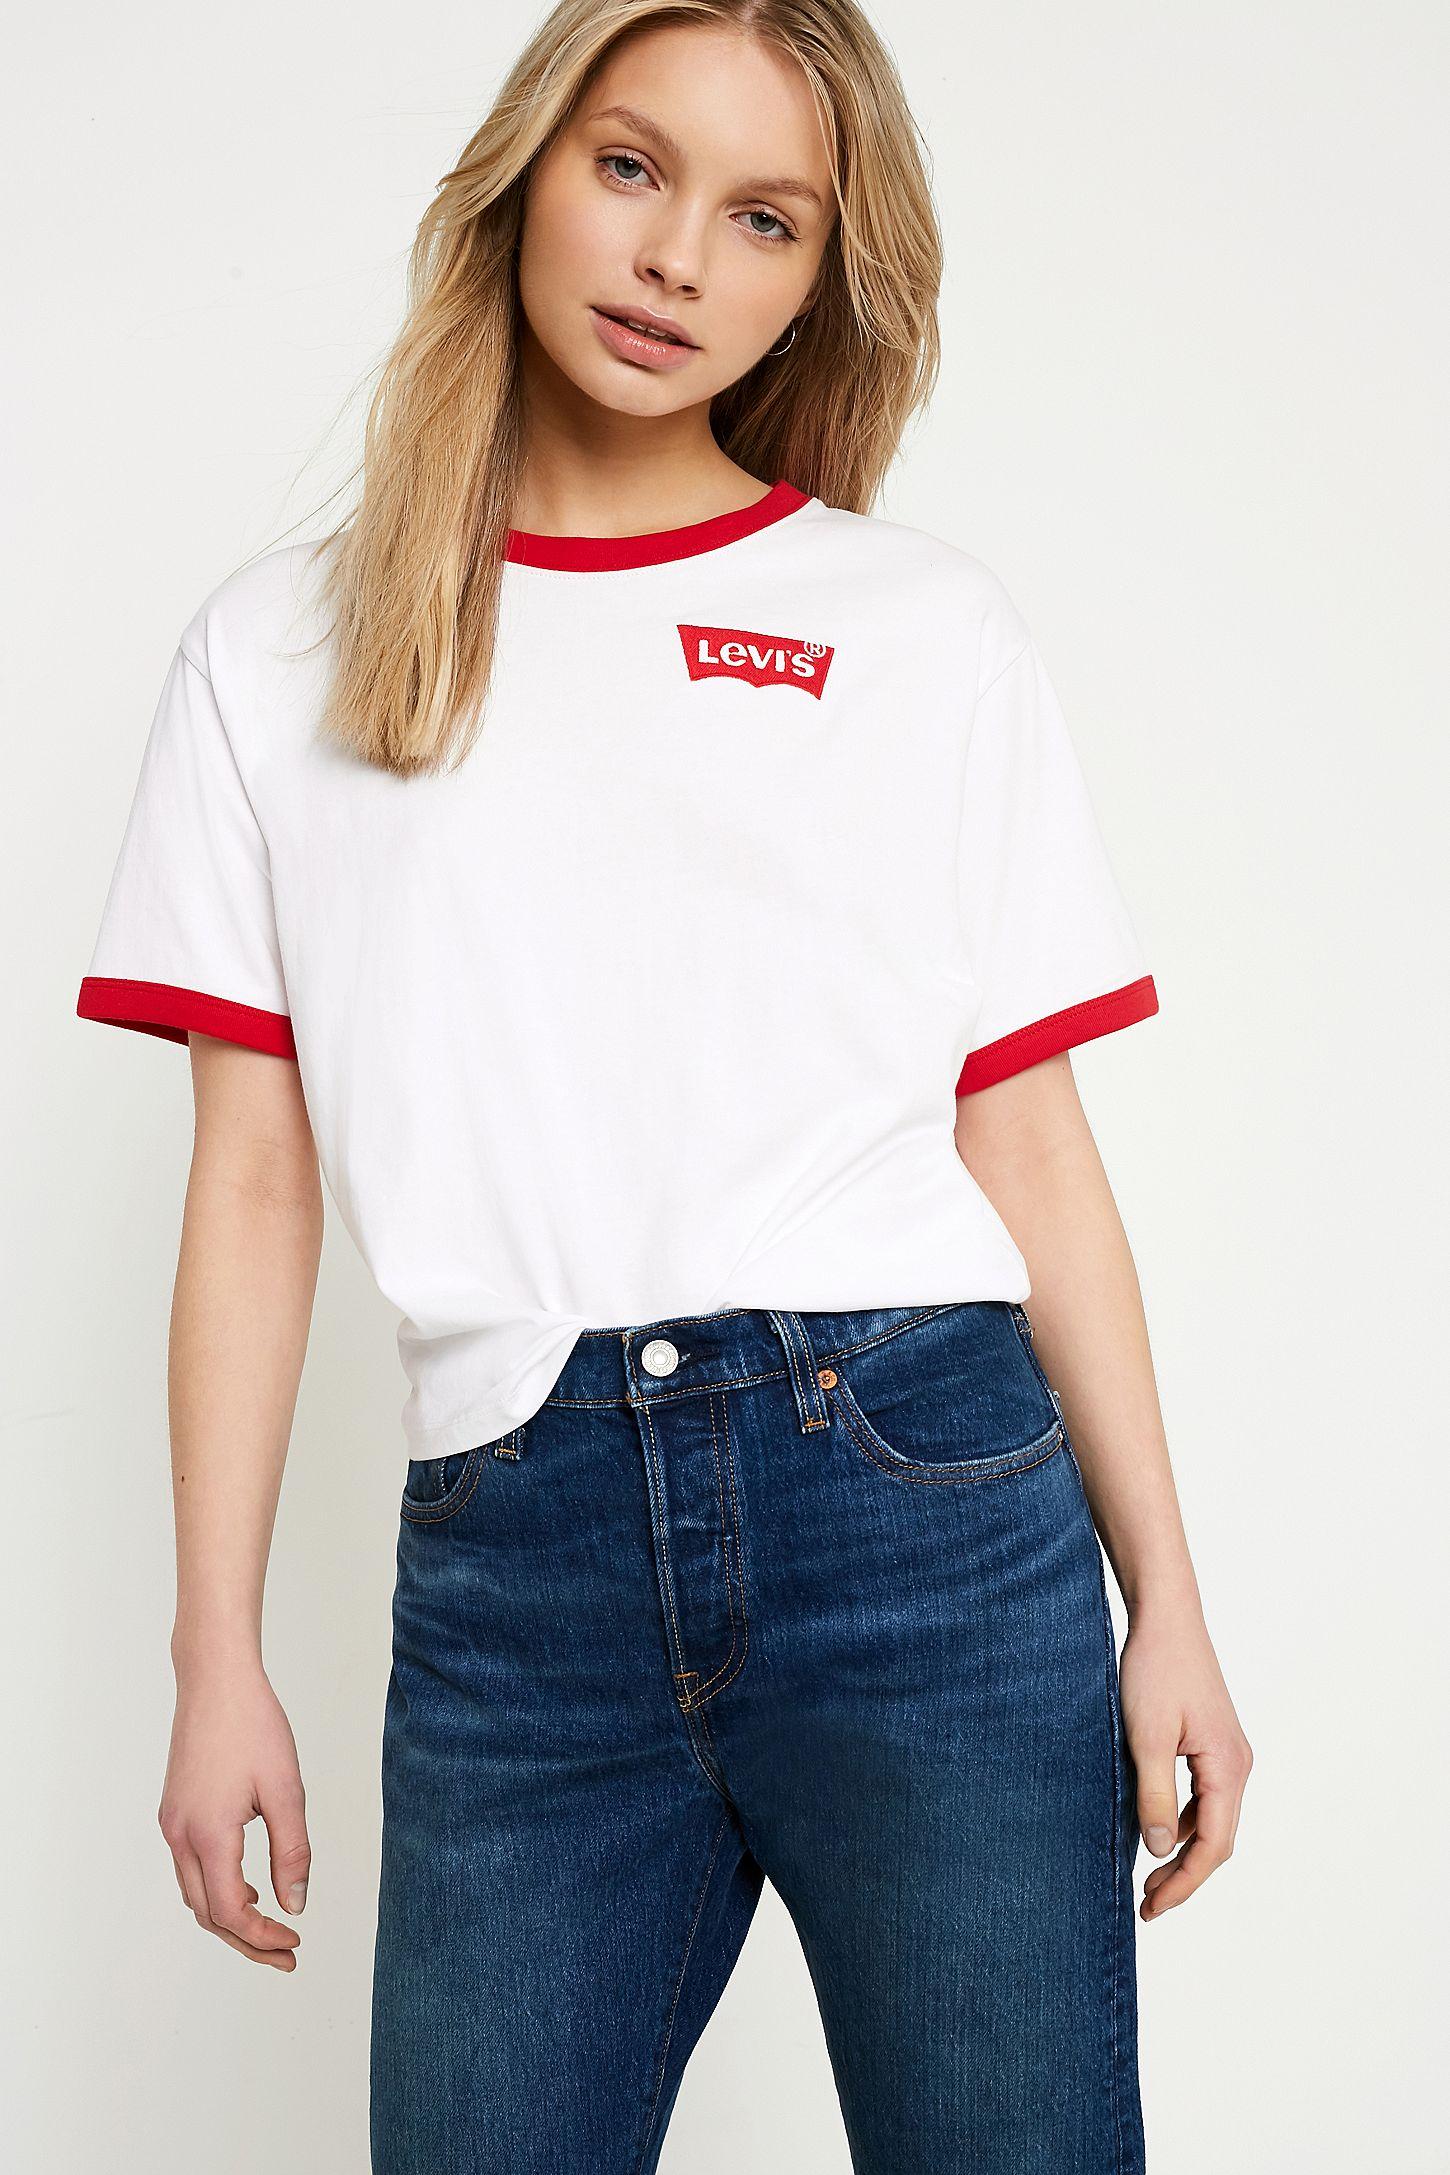 fbaf20fddd69f3 Levi's White JV Ringer T-Shirt | Urban Outfitters UK